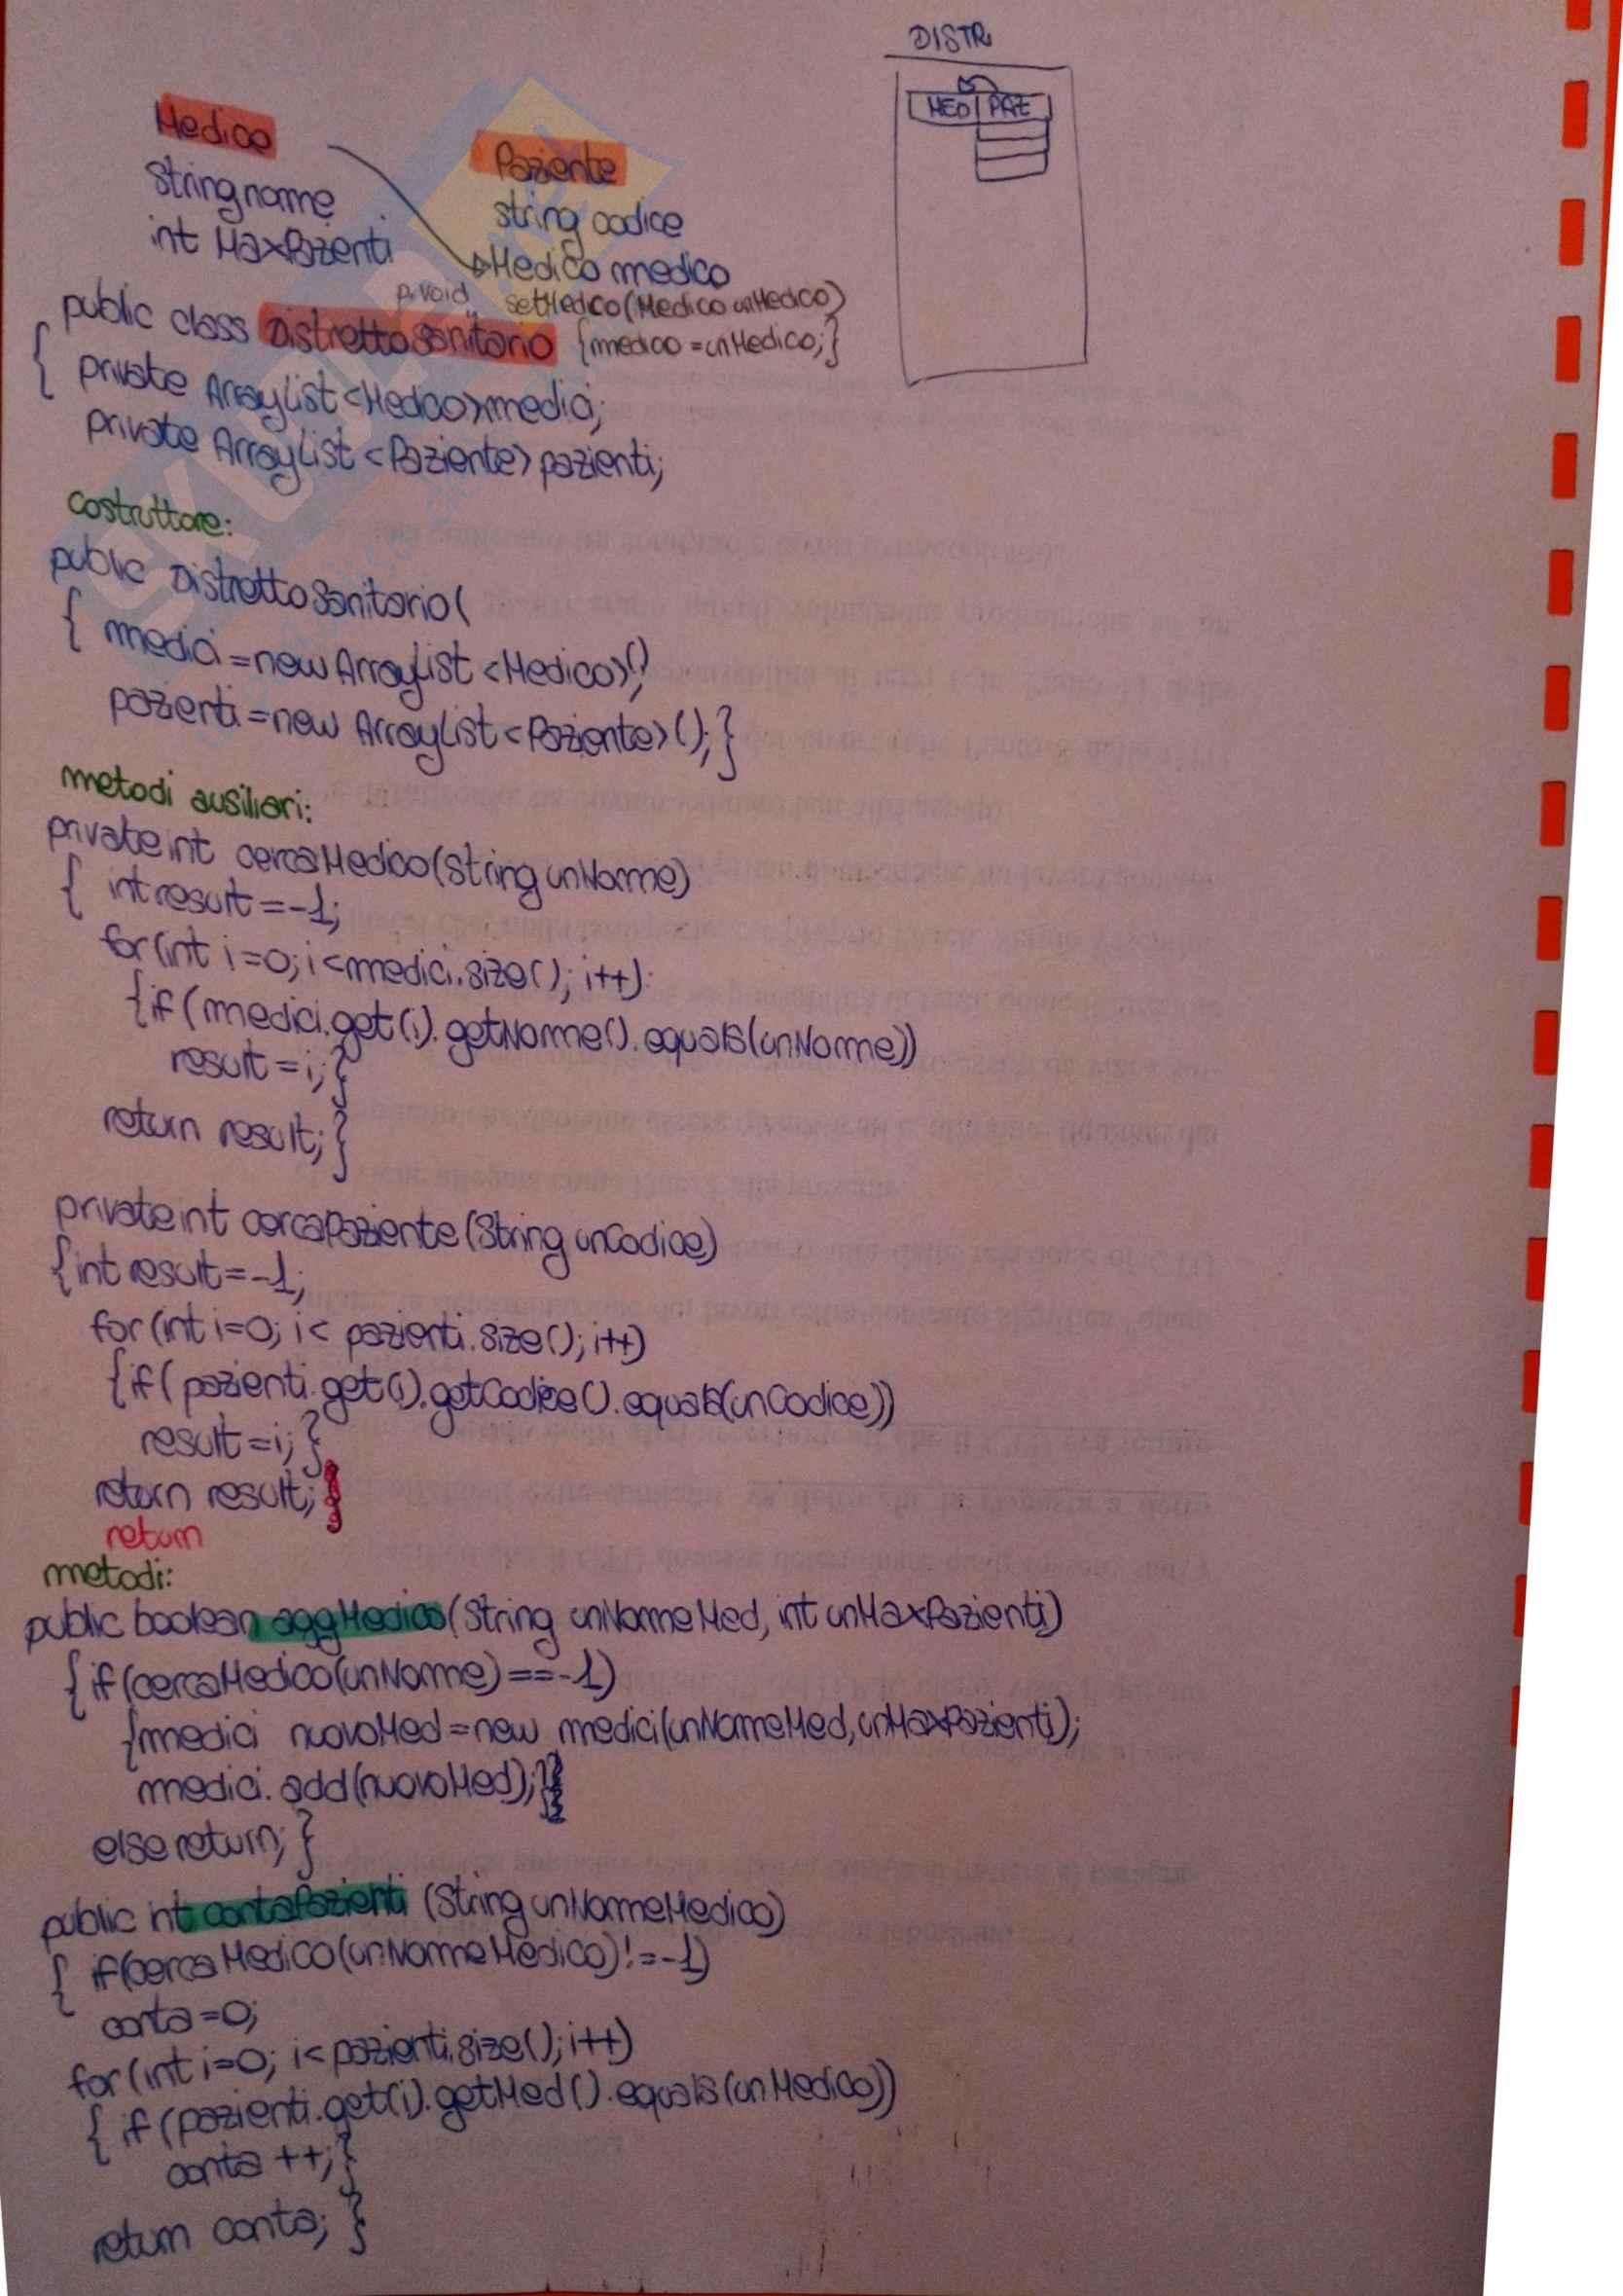 Informatica - esercizi svolti Java